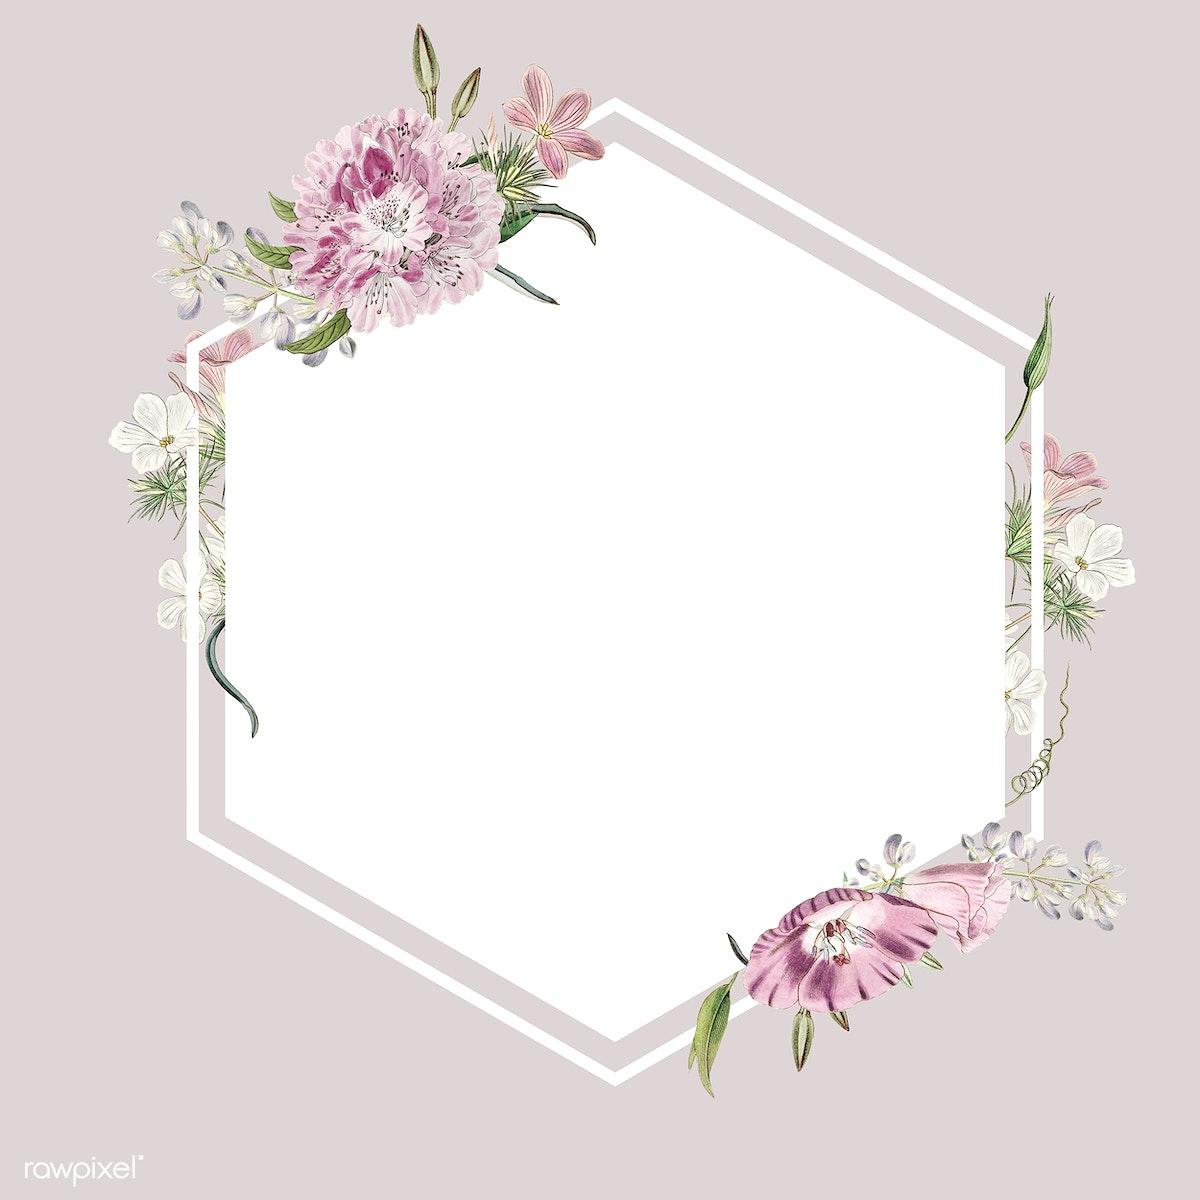 Floral Frame Design Royalty Free Stock Illustration 559407